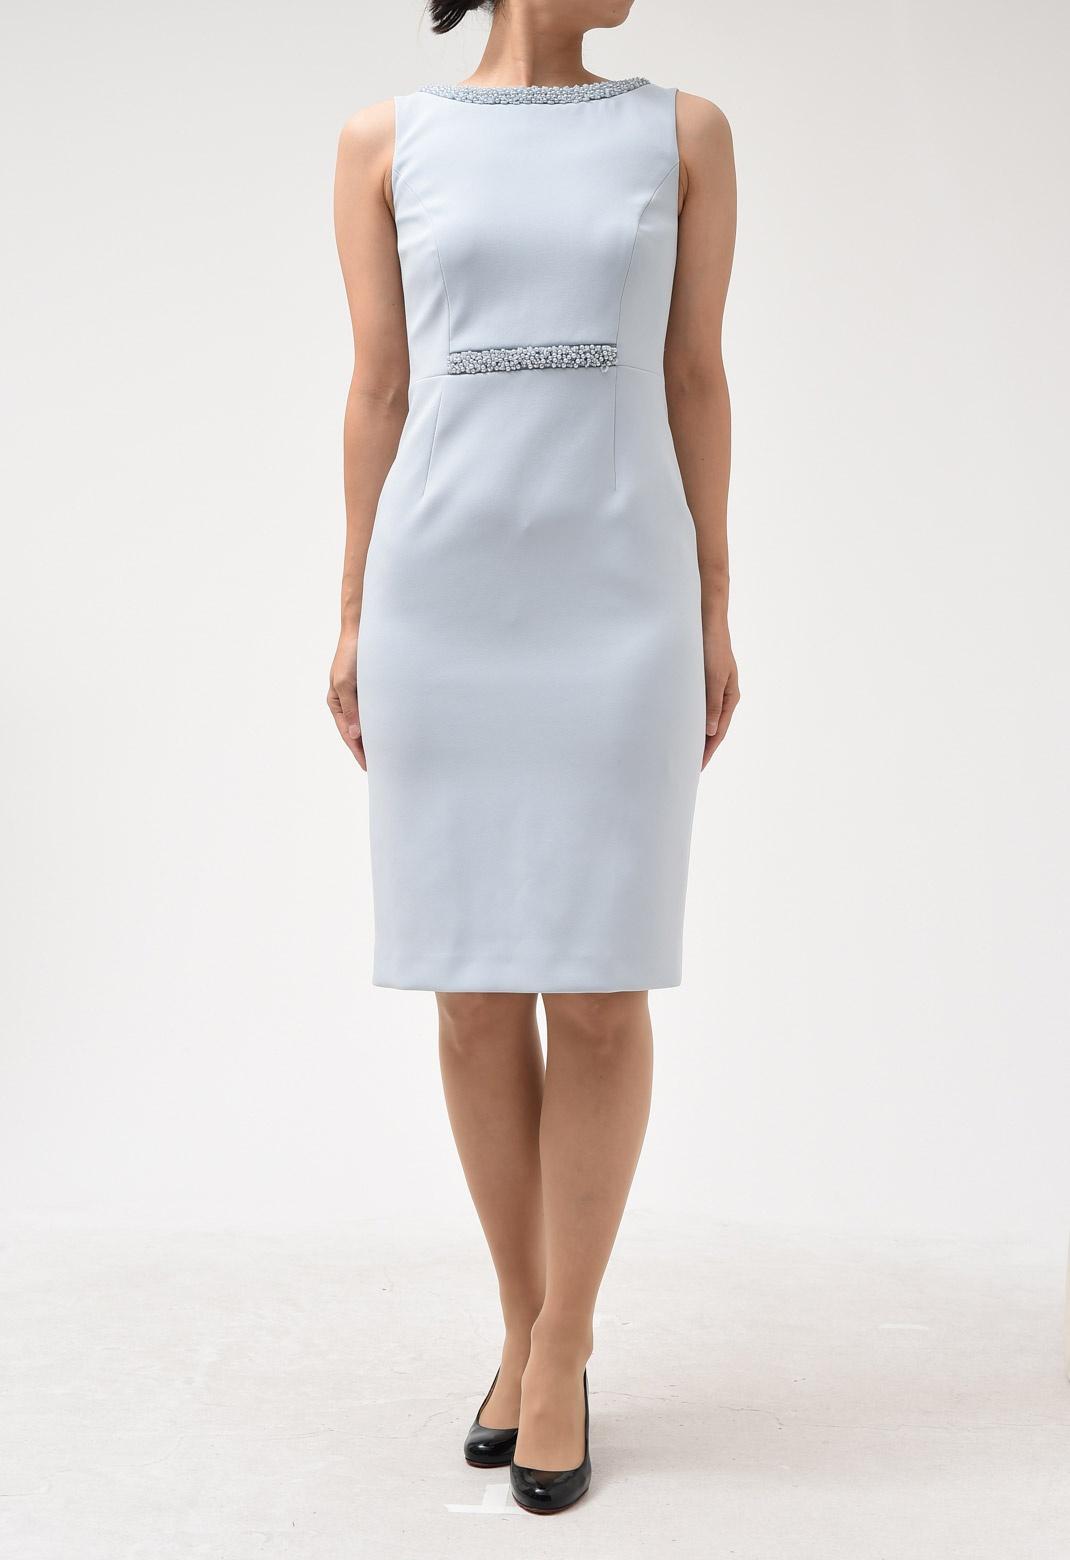 ビジュー飾り ノースリーブ ドレス